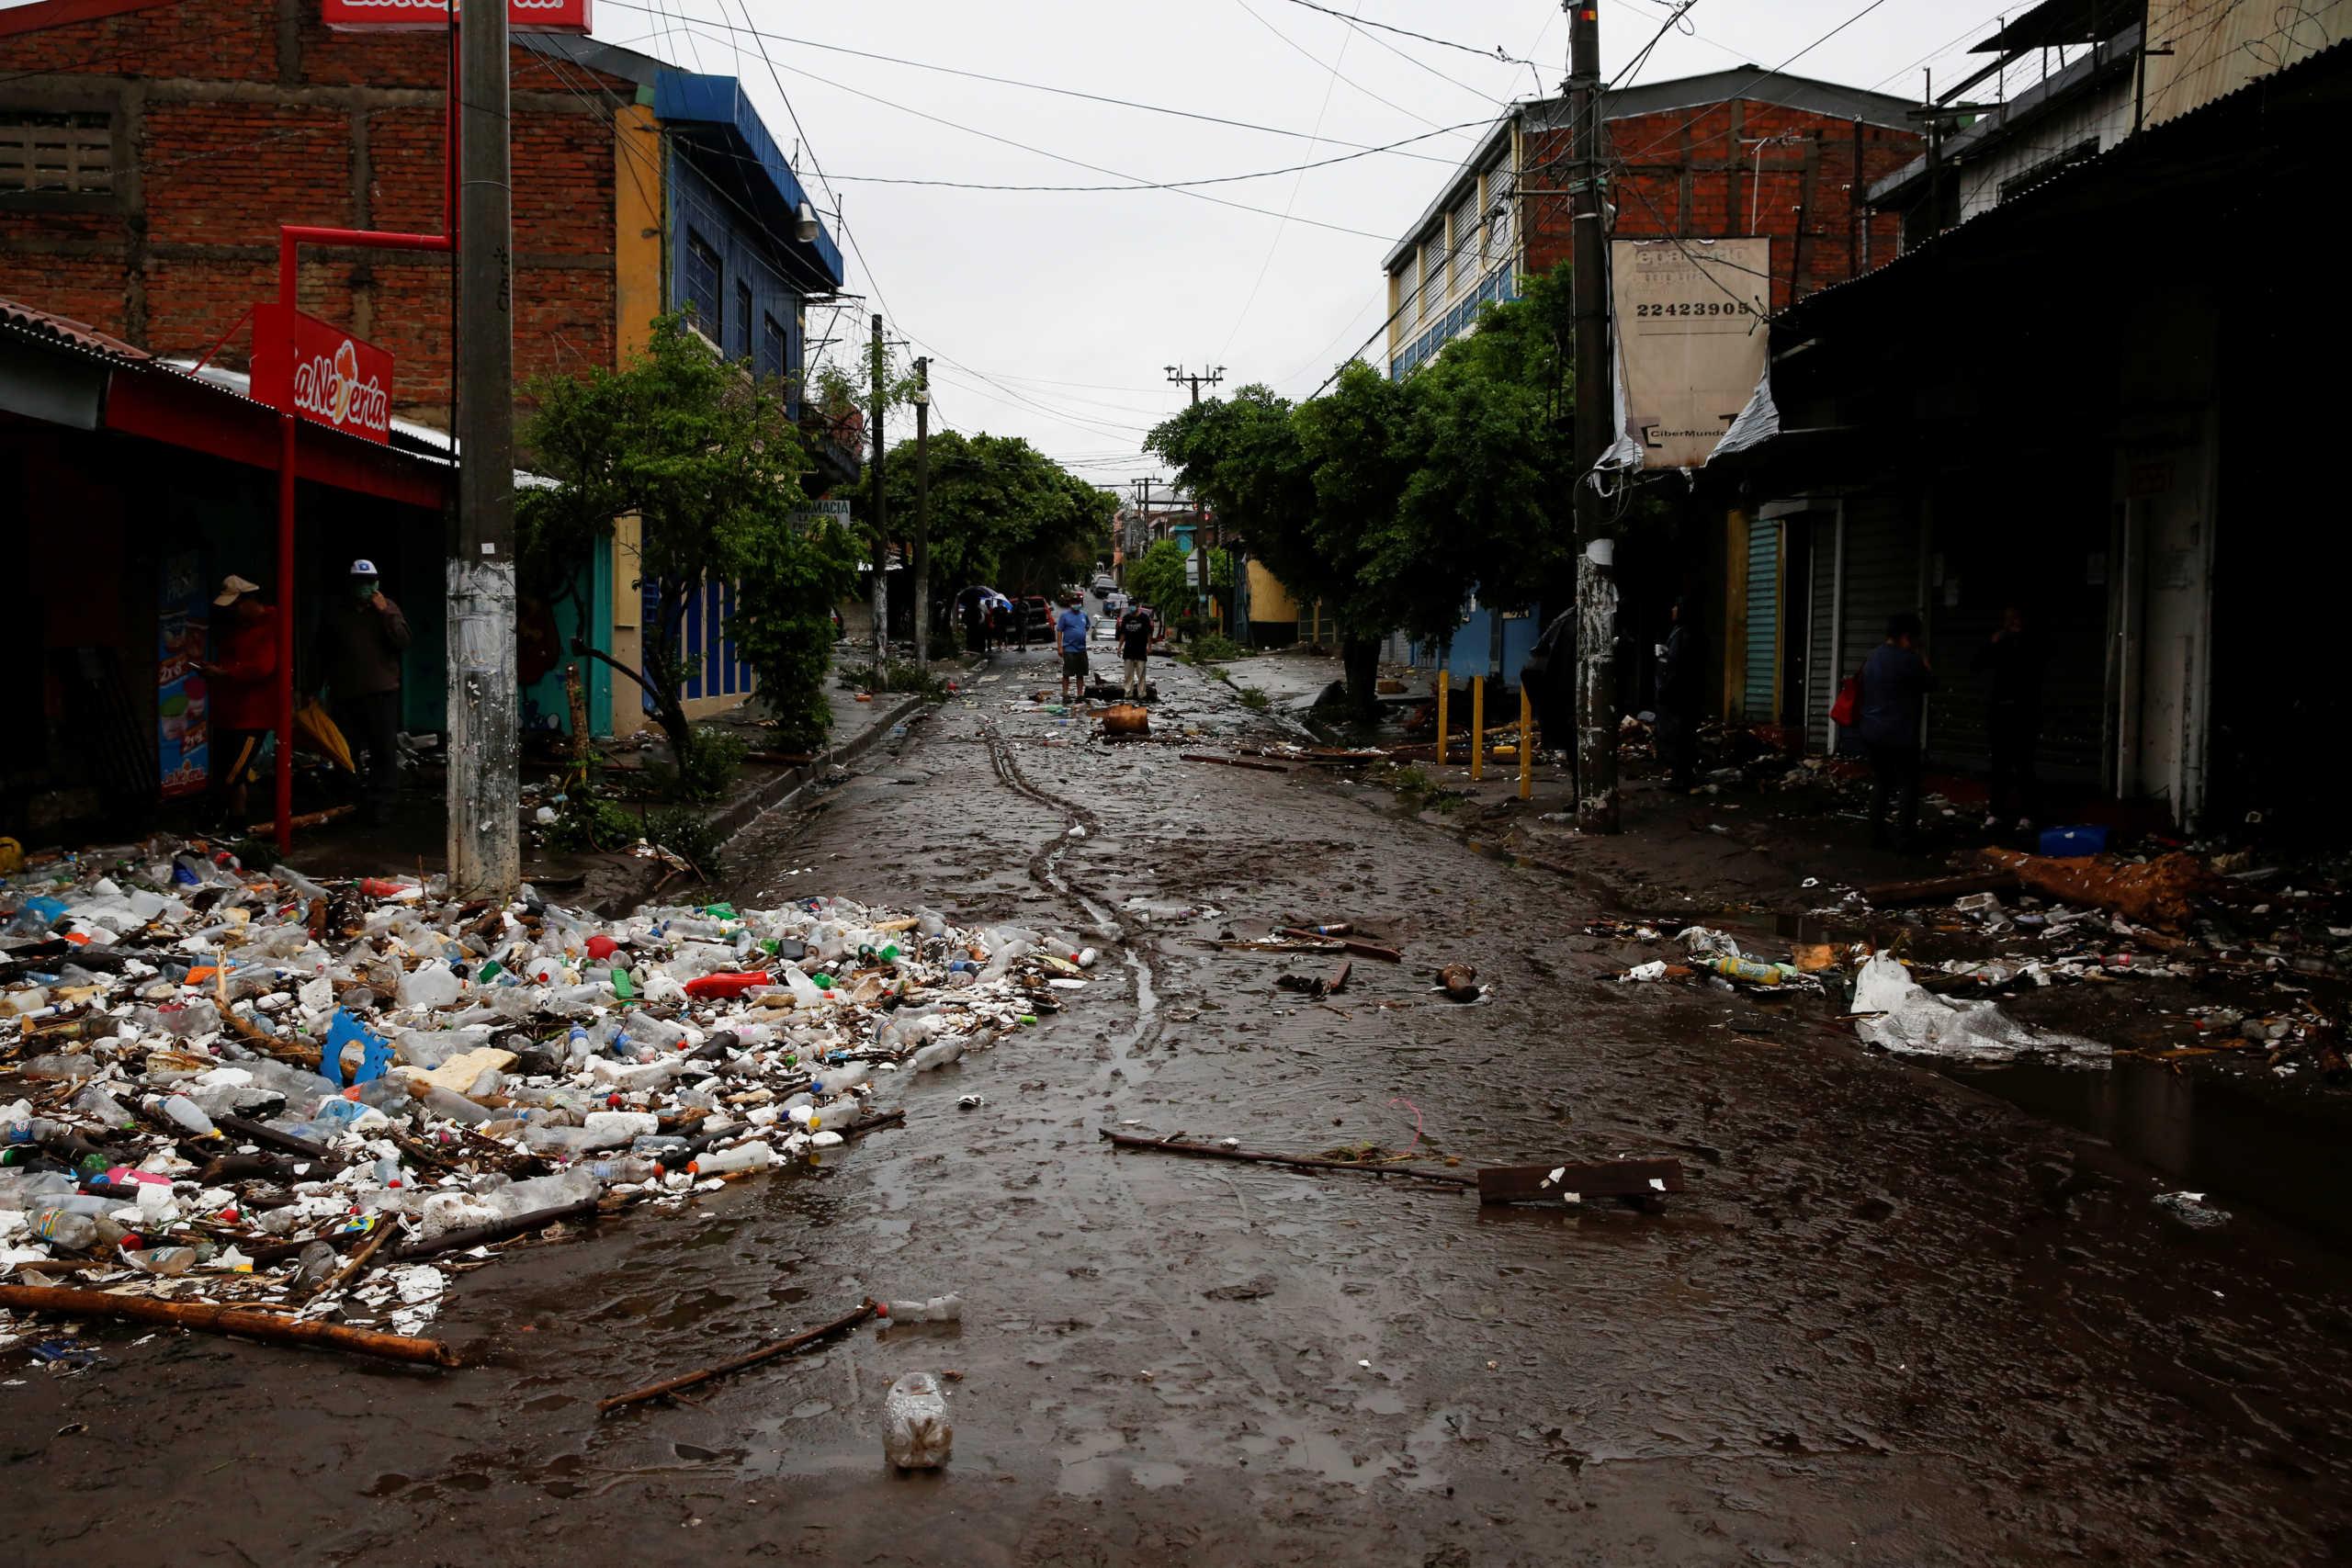 Κεντρική Αμερική: 33 νεκροί από τις καταιγίδες Αμάντα και Κριστόμπαλ (video)